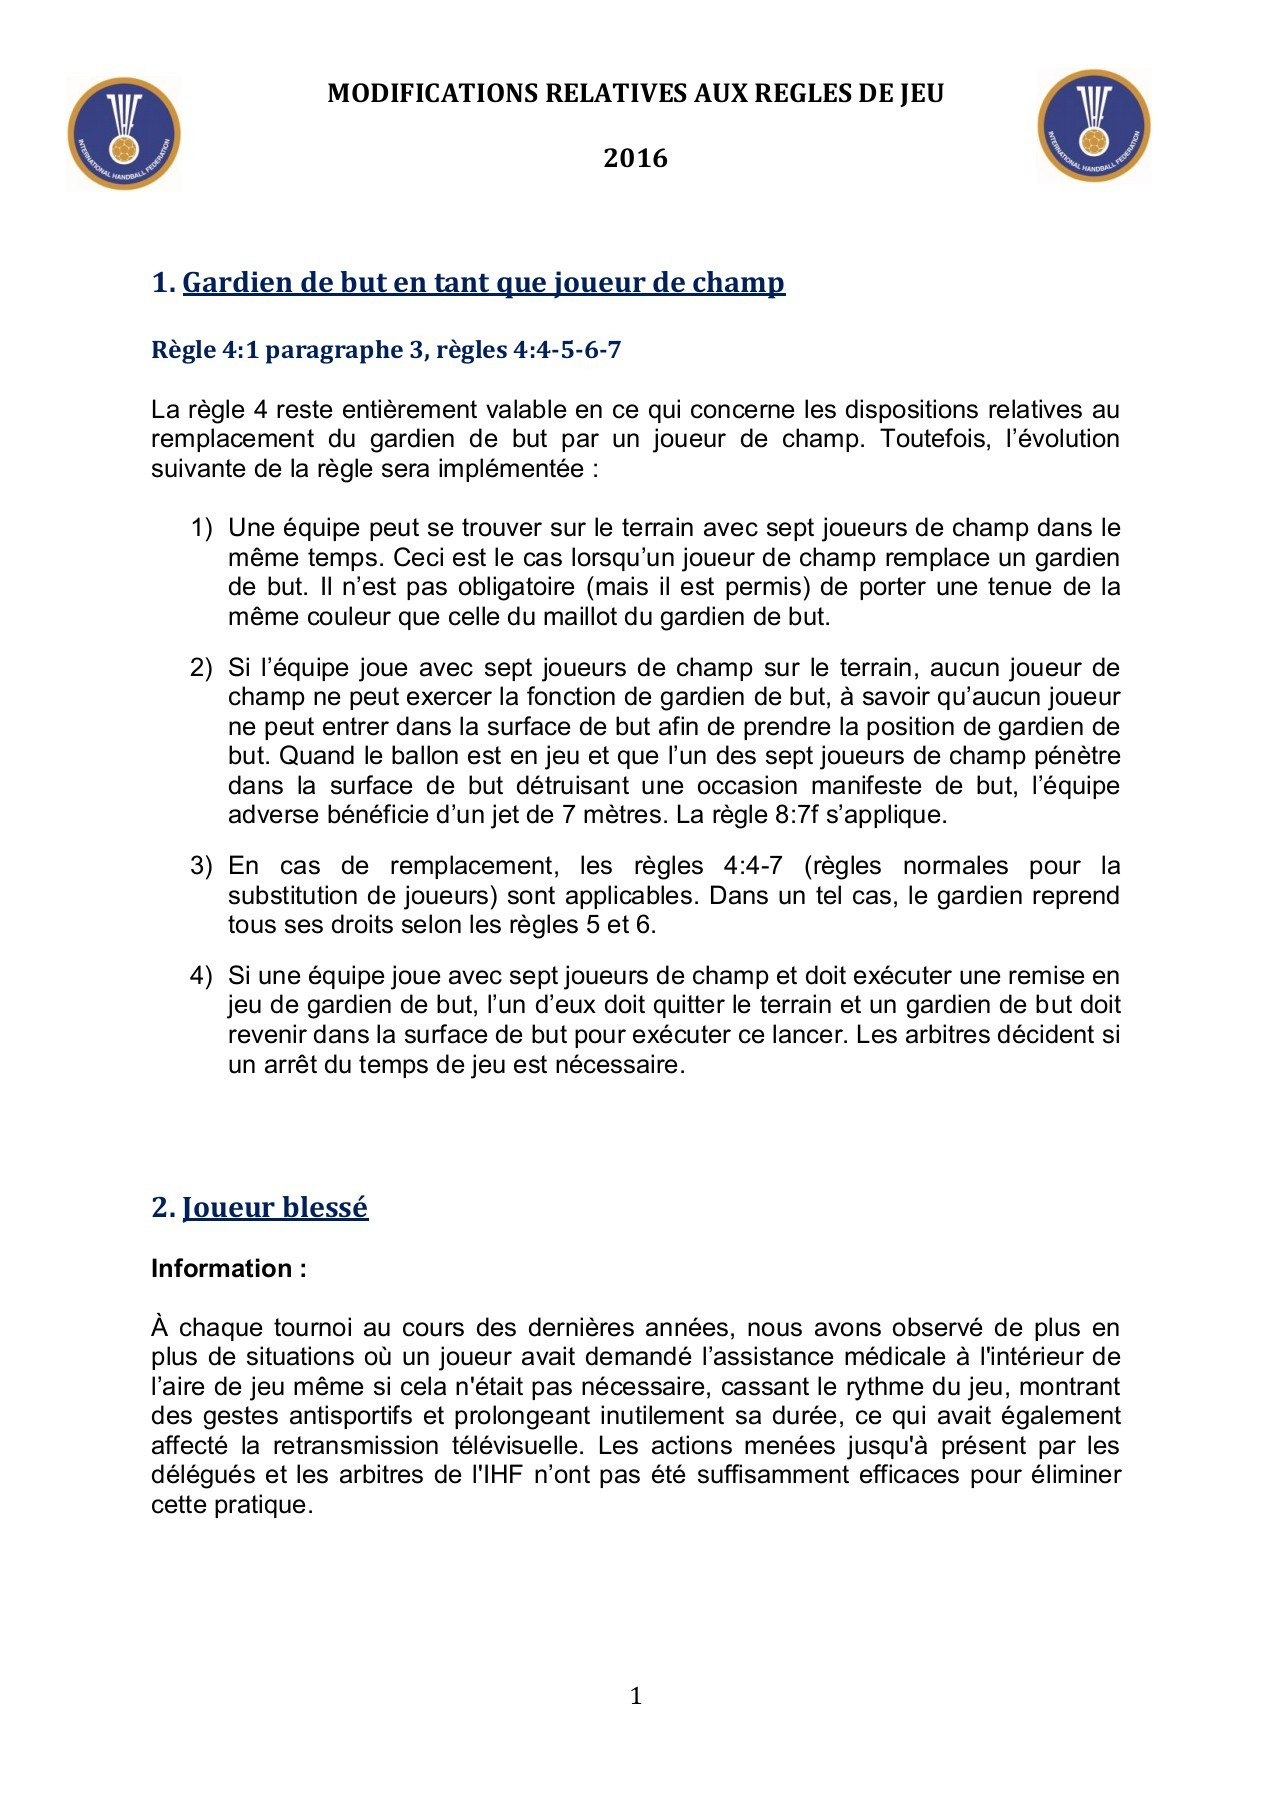 Nouvelles Règles Handball Pages 1 - 5 - Text Version | Fliphtml5 tout Jeux De Gardien De But